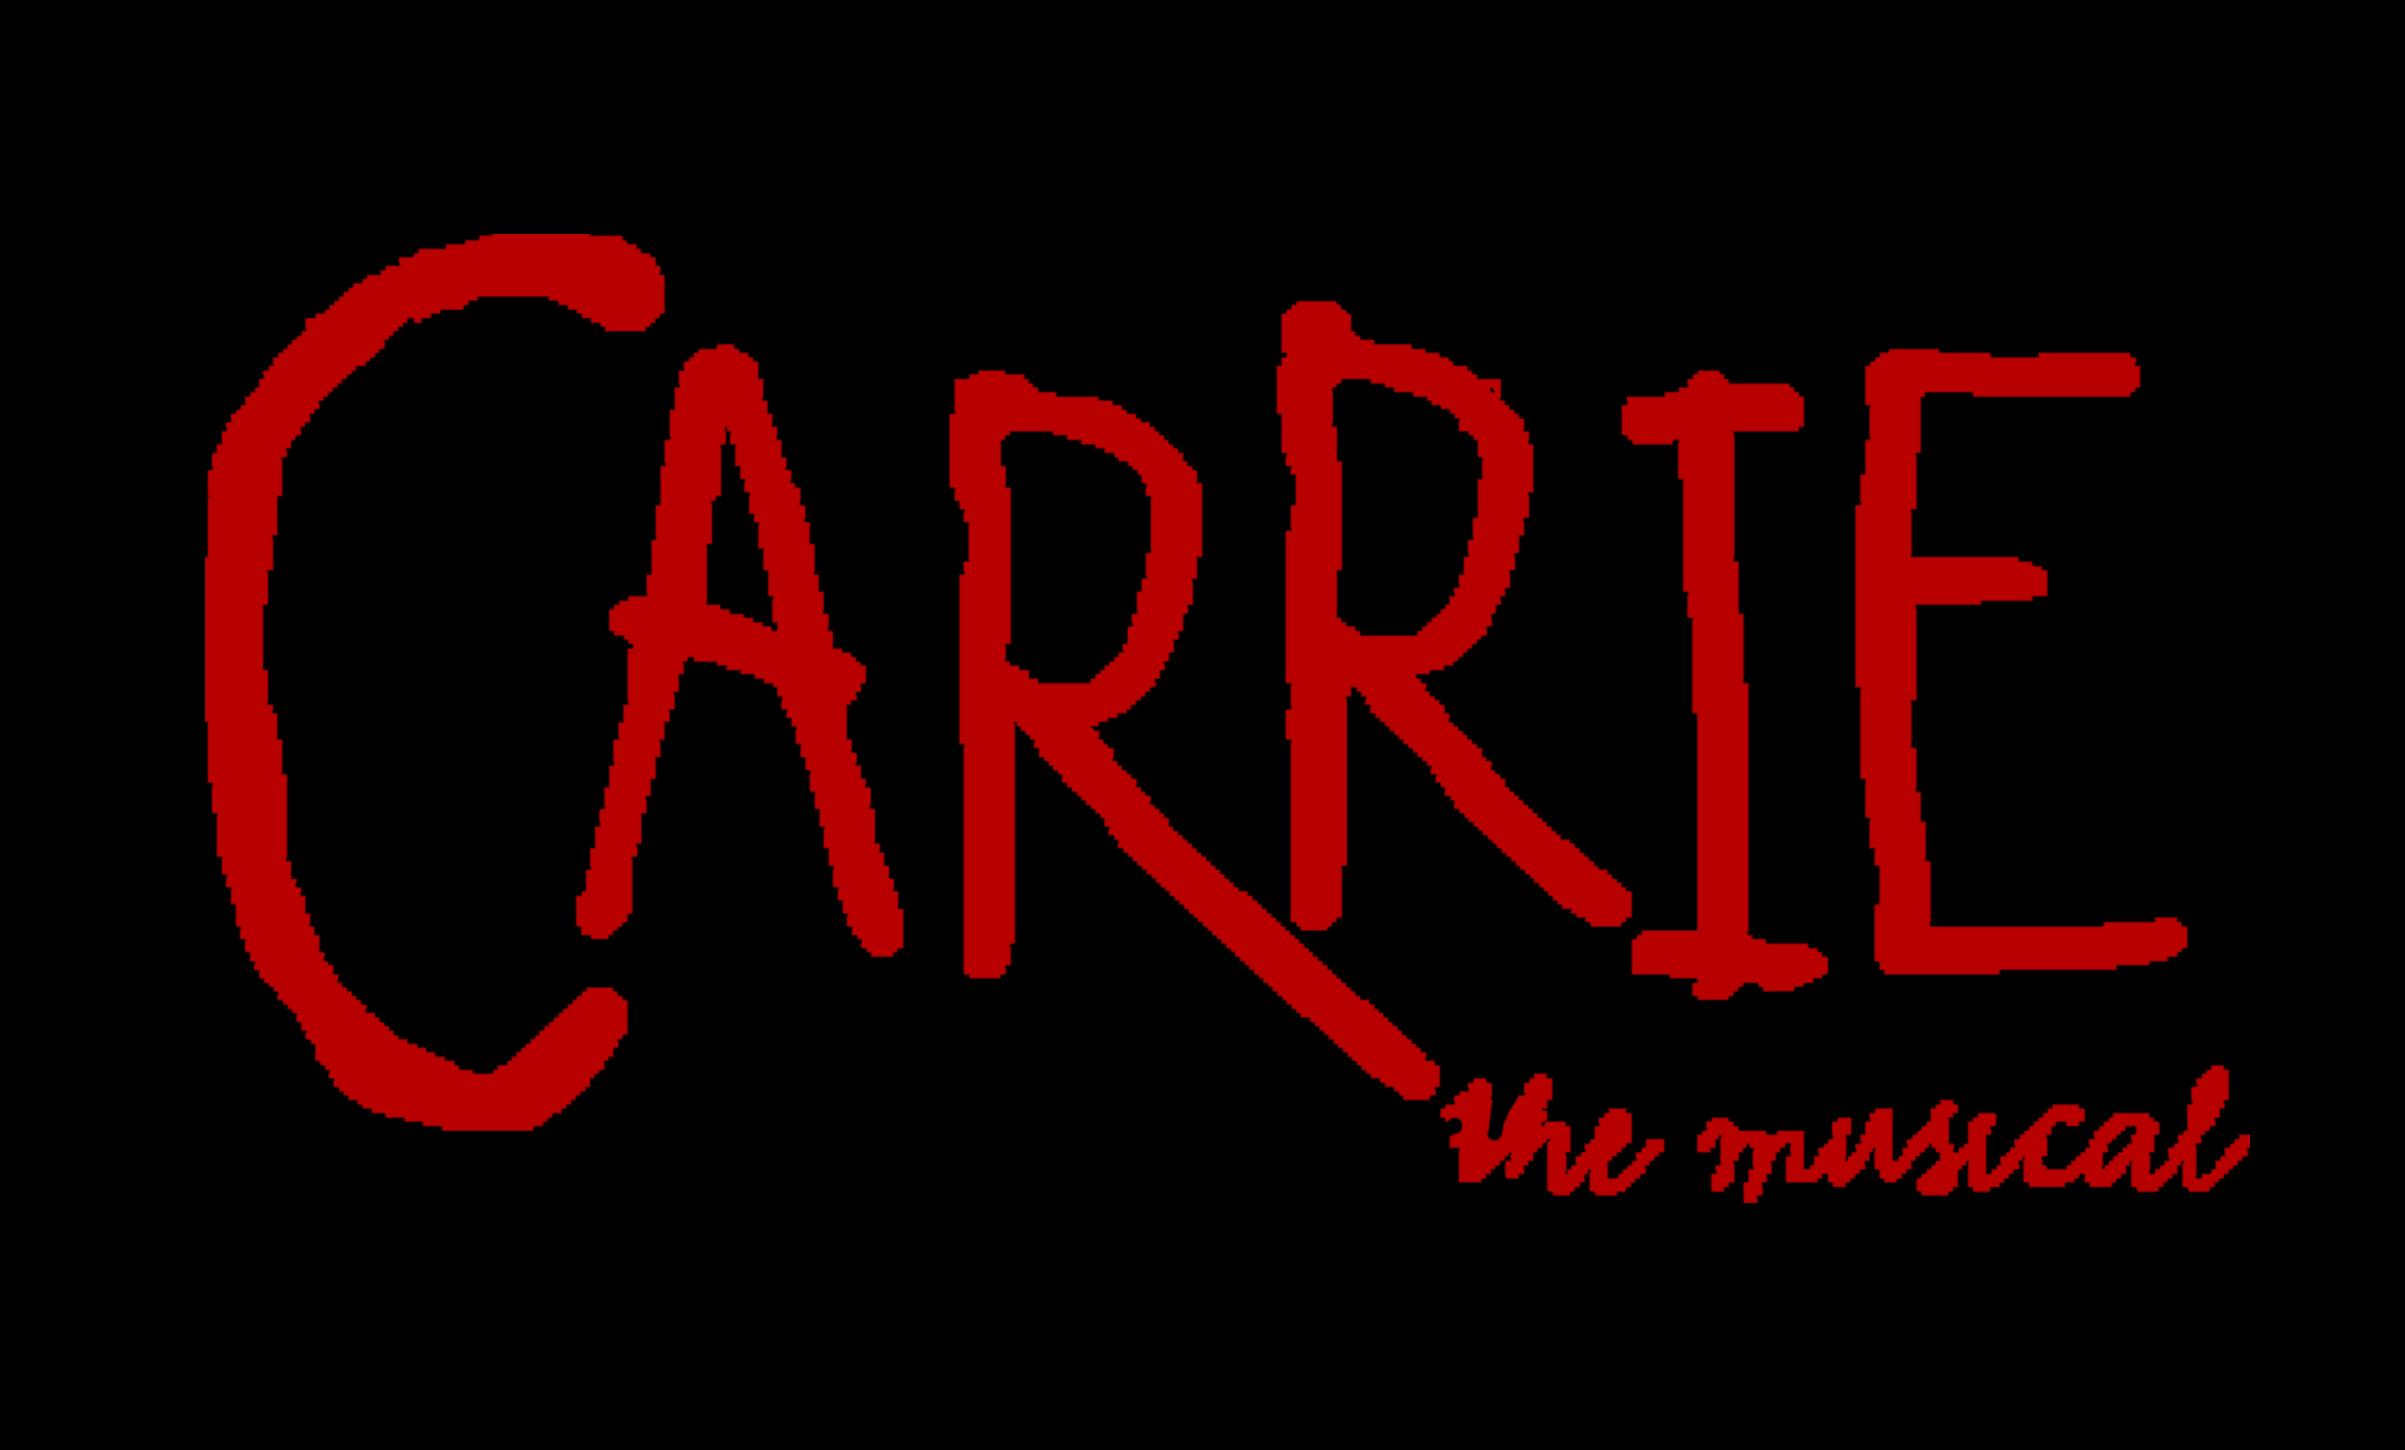 carrie logo.jpg